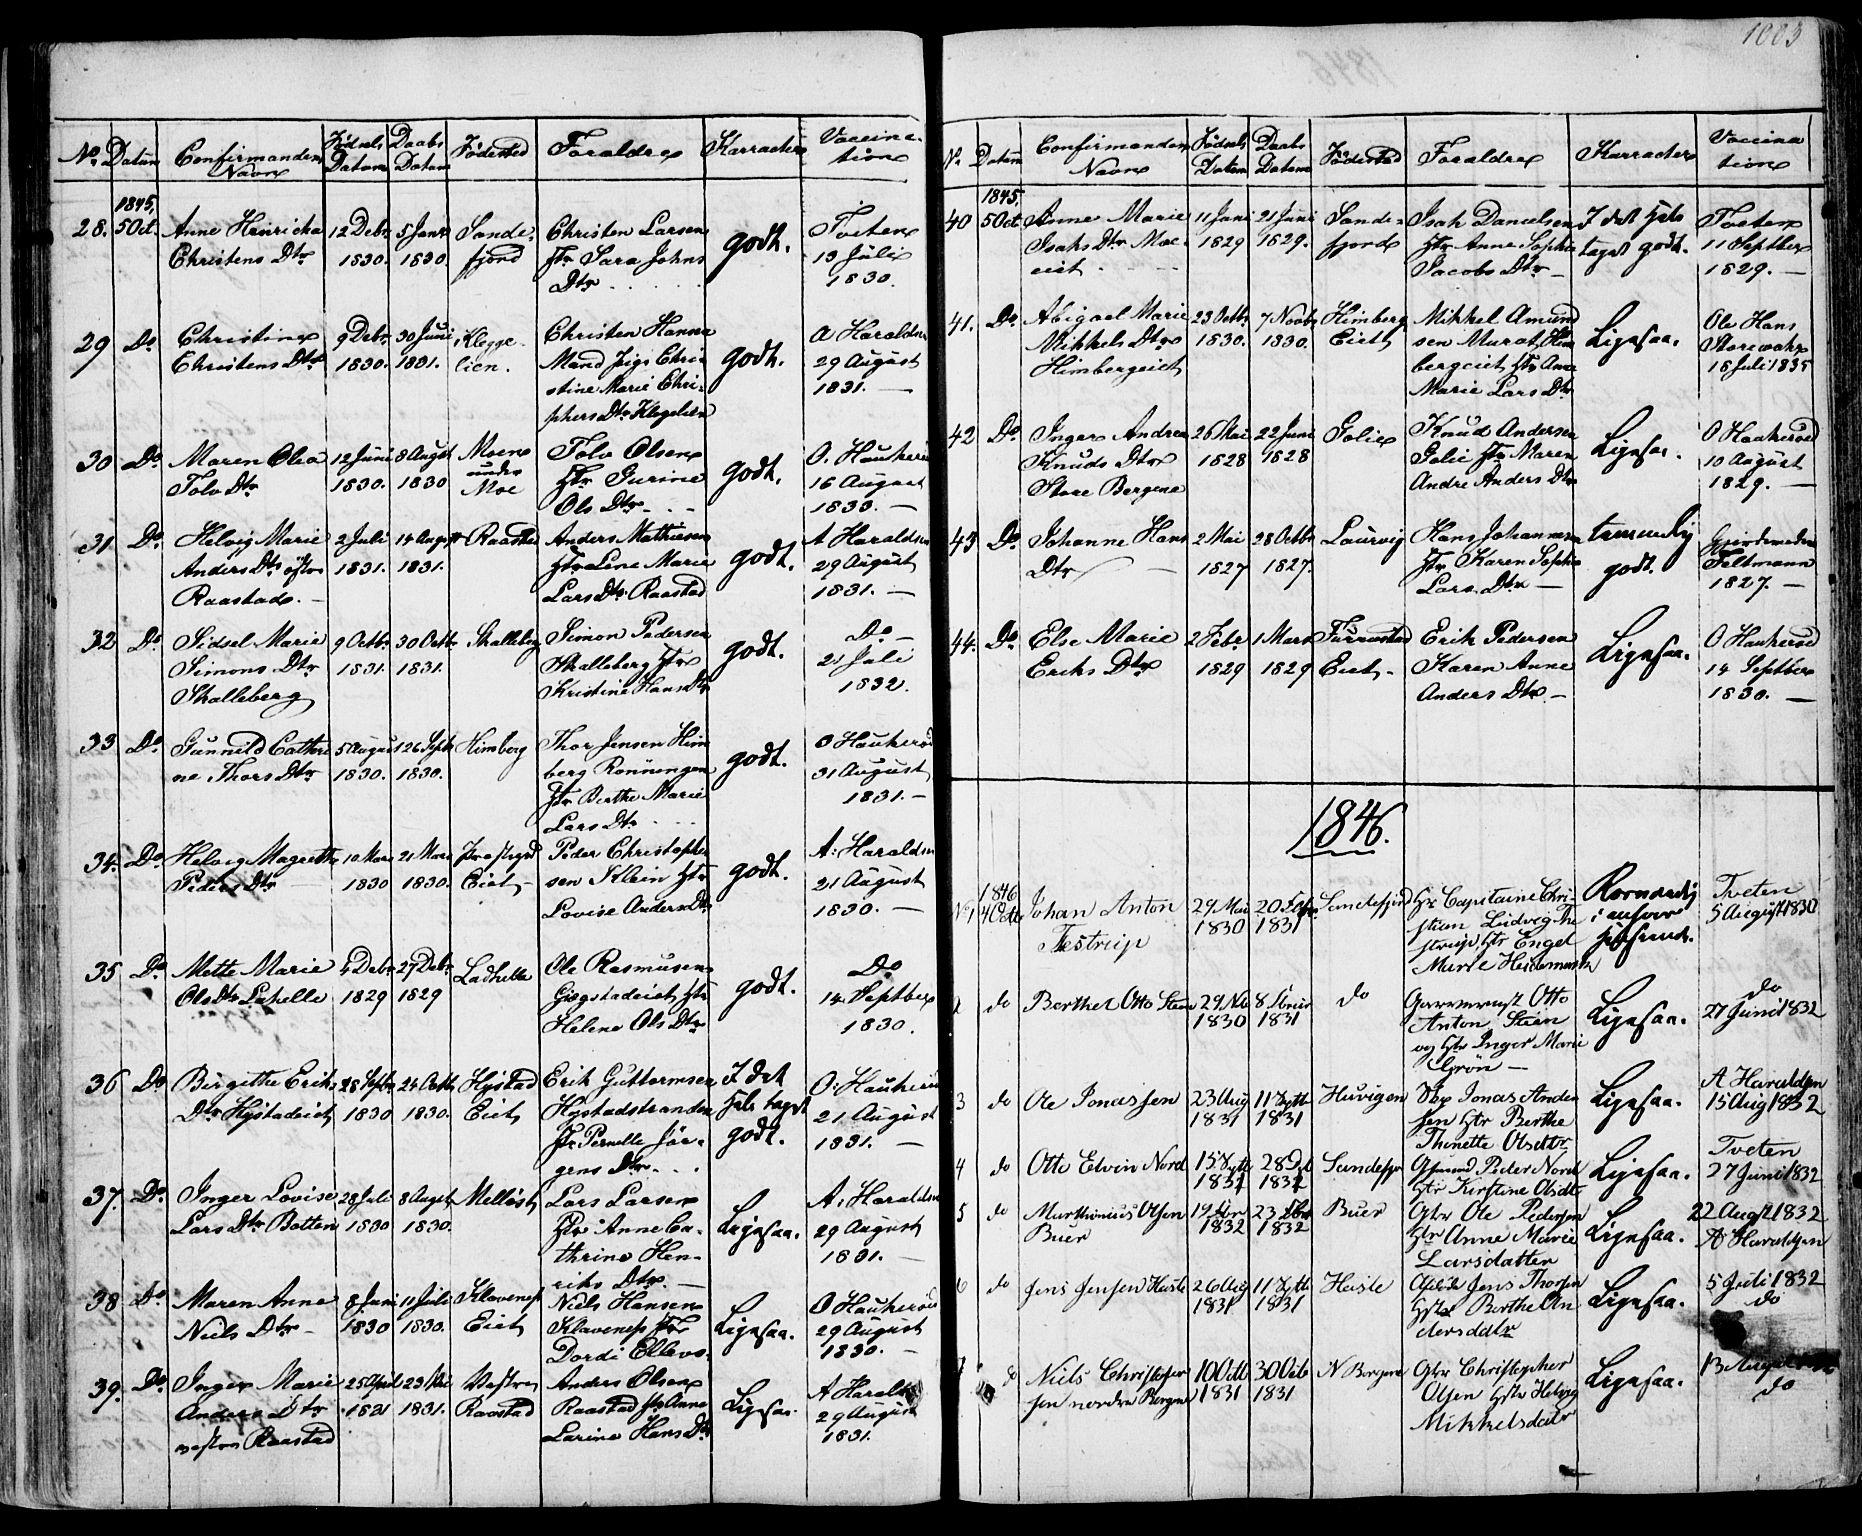 SAKO, Sandar kirkebøker, F/Fa/L0005: Ministerialbok nr. 5, 1832-1847, s. 1002-1003